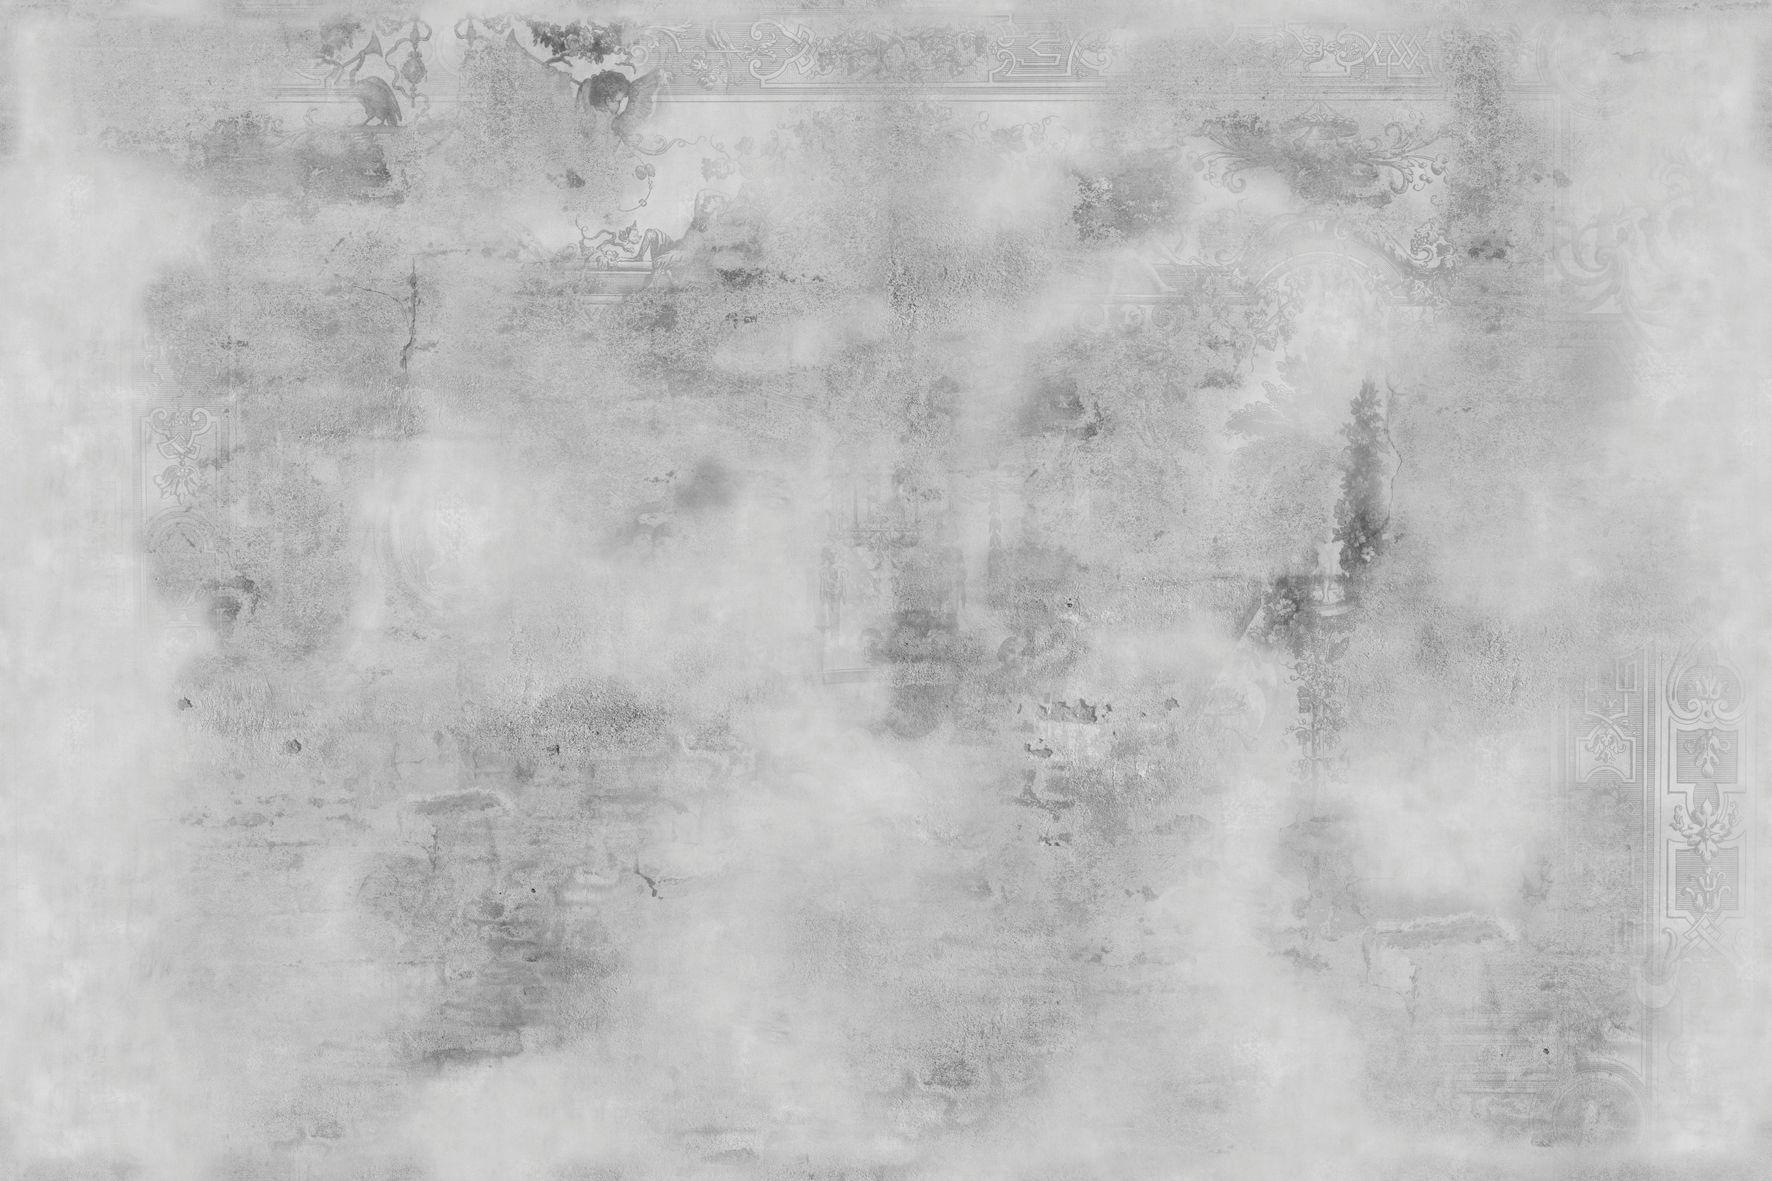 Carta Da Parati Texture carta da parati decorum - carte d'arredo contemporaneo e